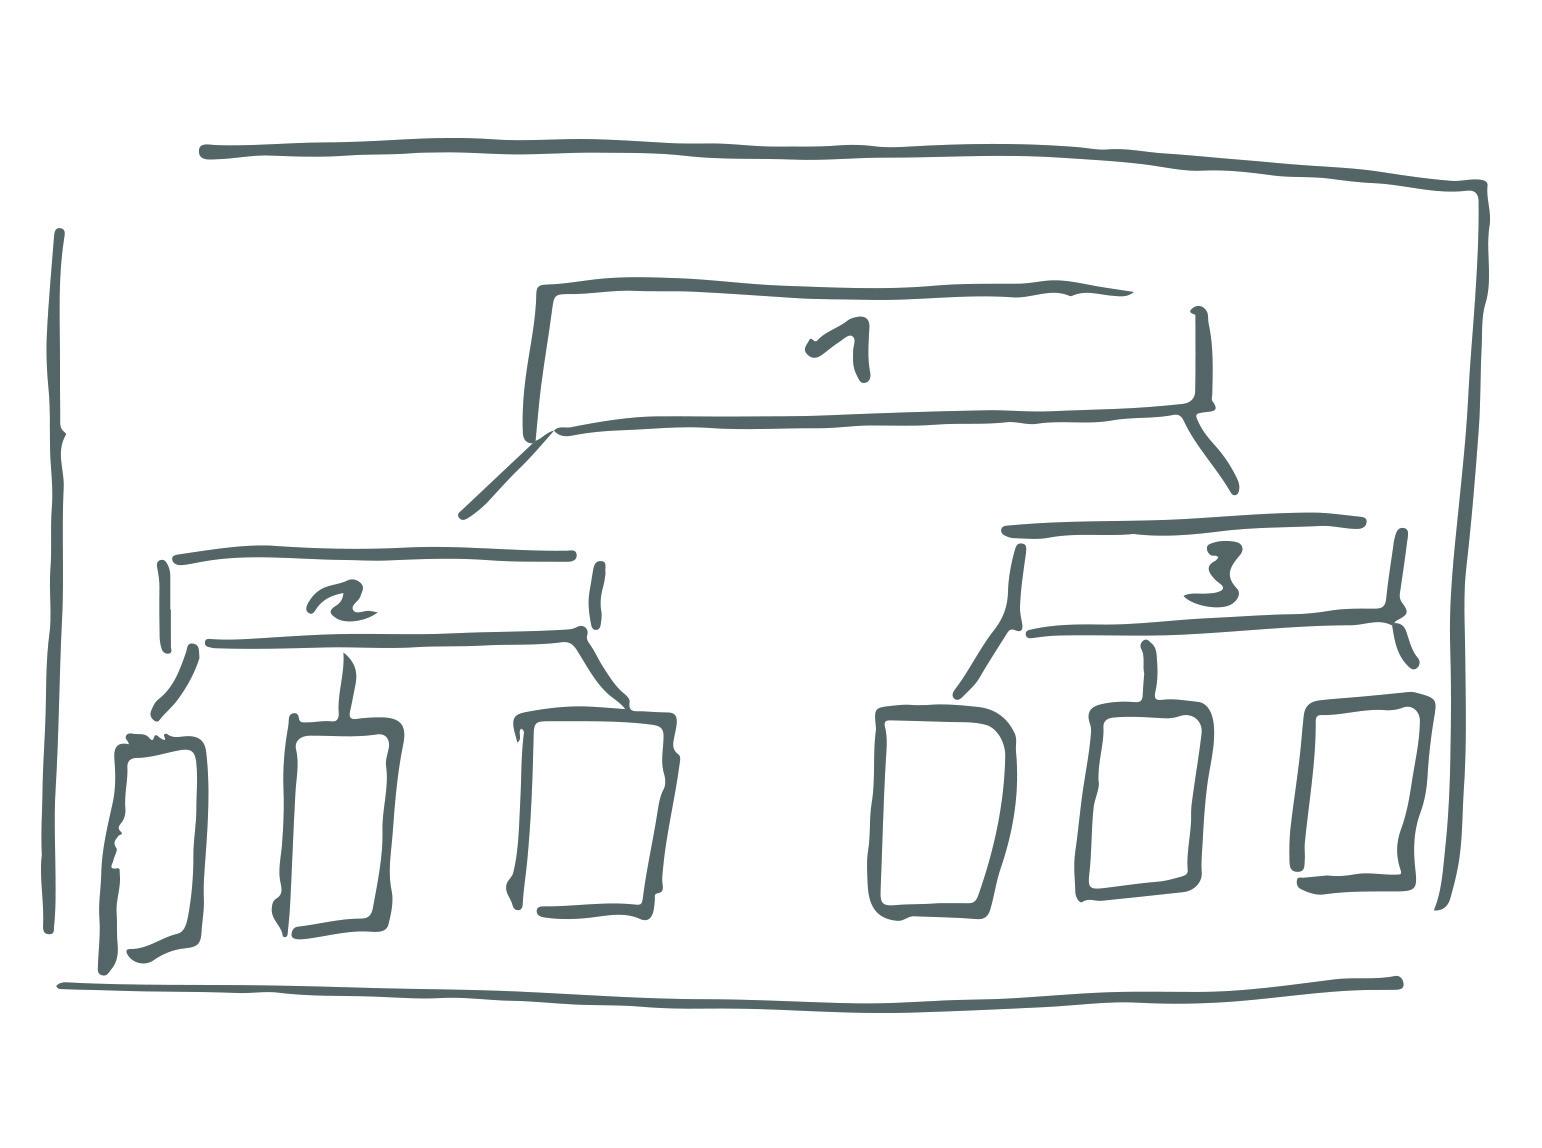 Sketchnoting_untereinander